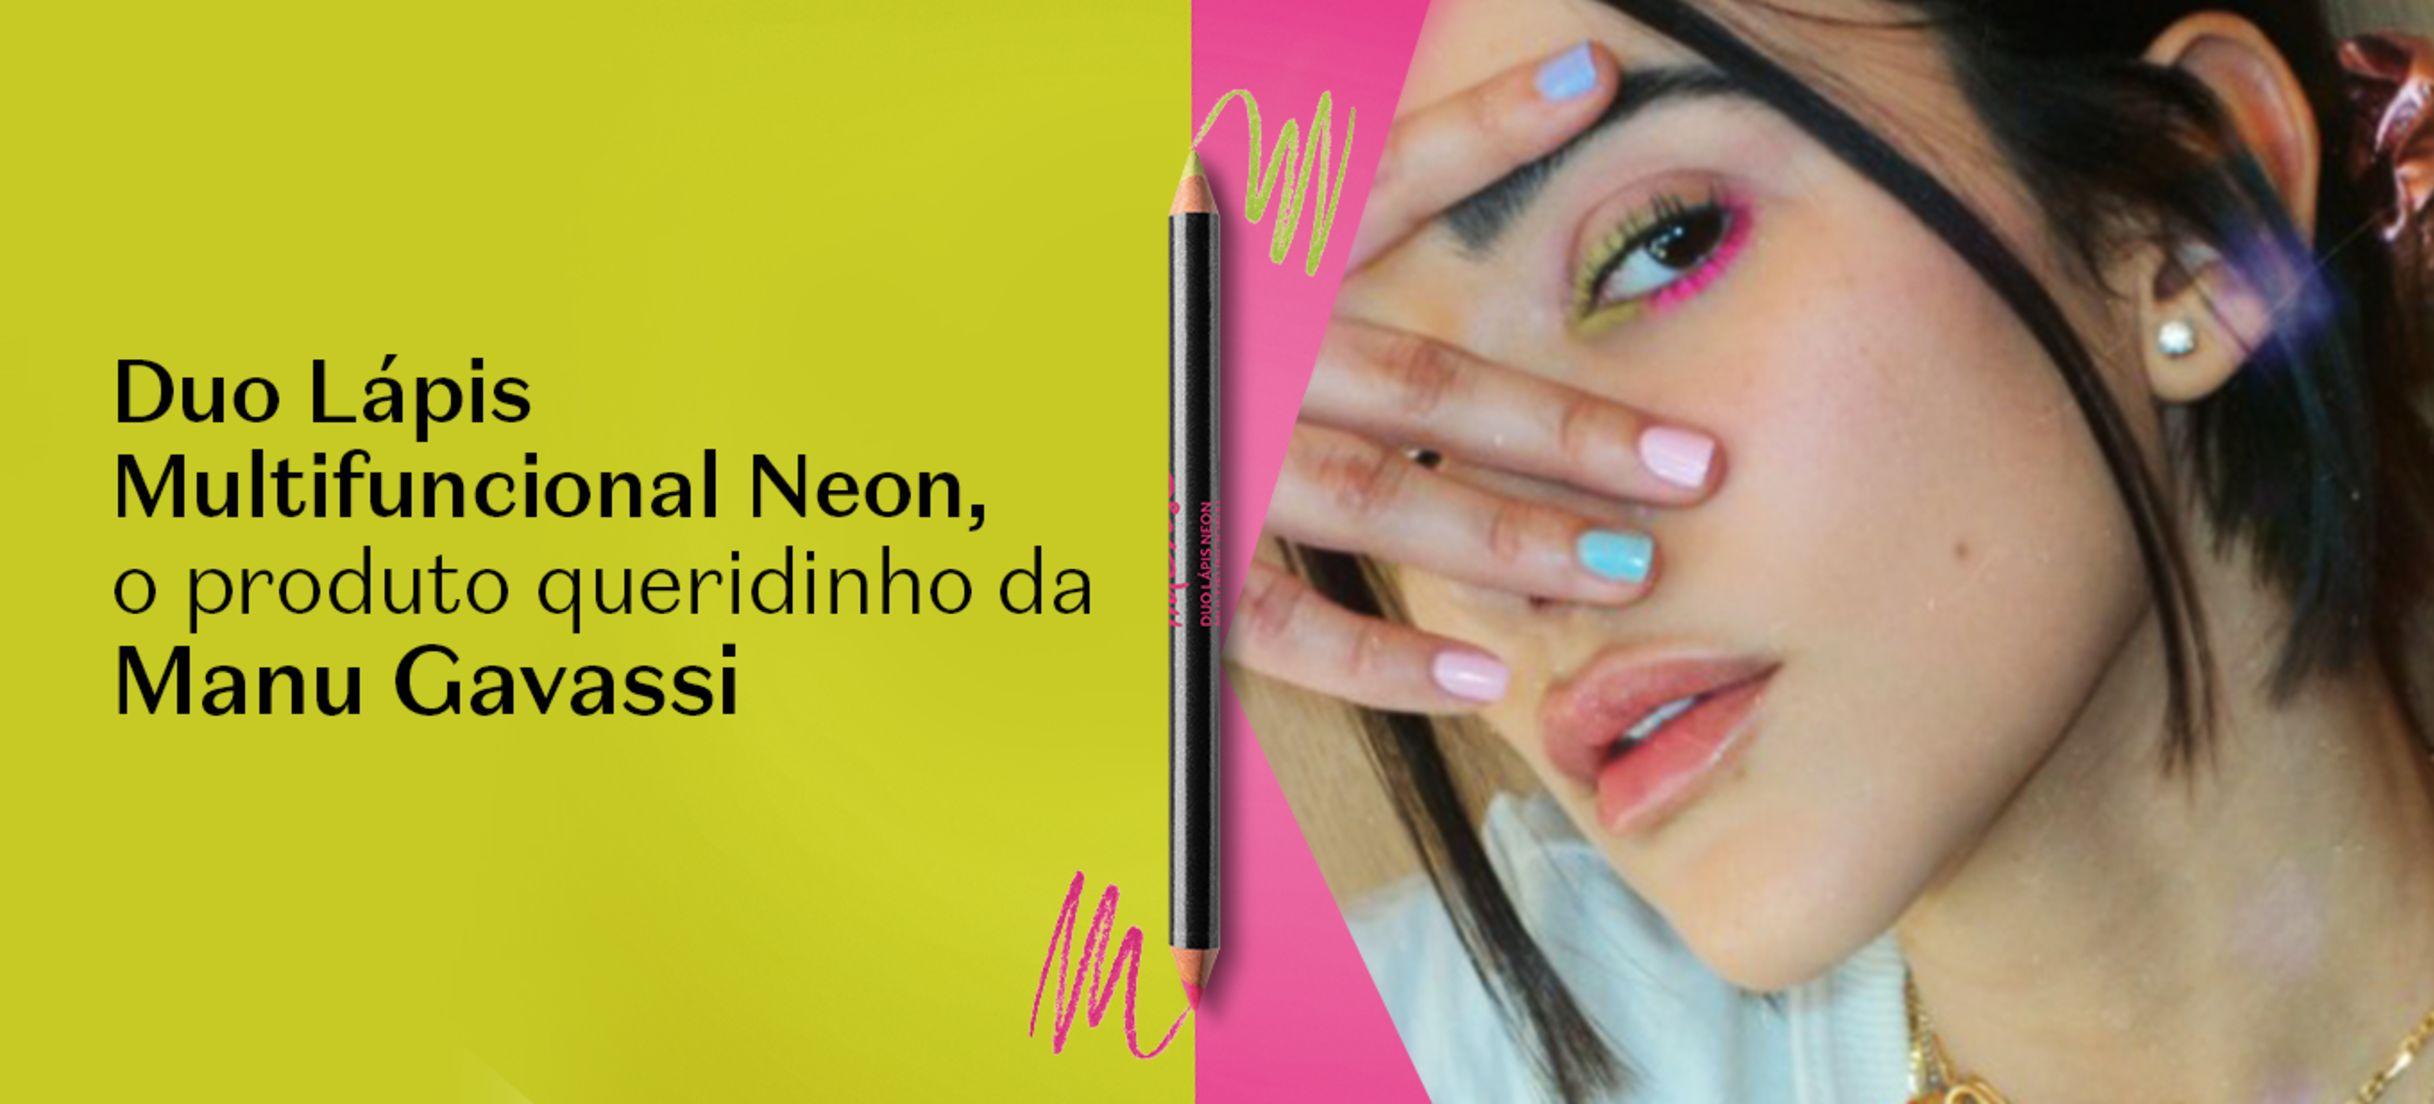 Duo Lápis Neon: faça maquiagem neon nos olhos de maneira criativa